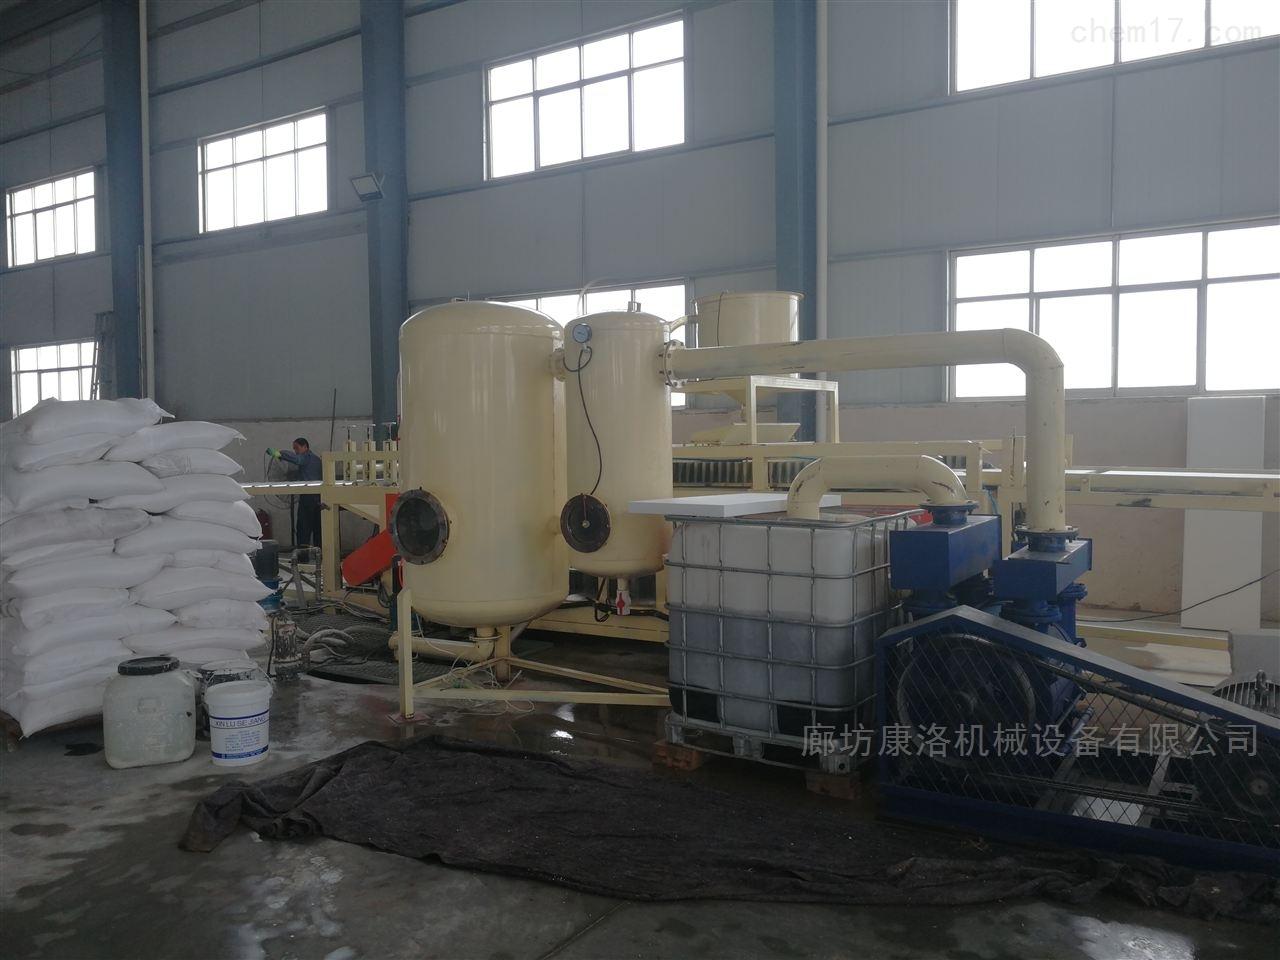 大型A级水泥硅质聚苯板设备生产线大城